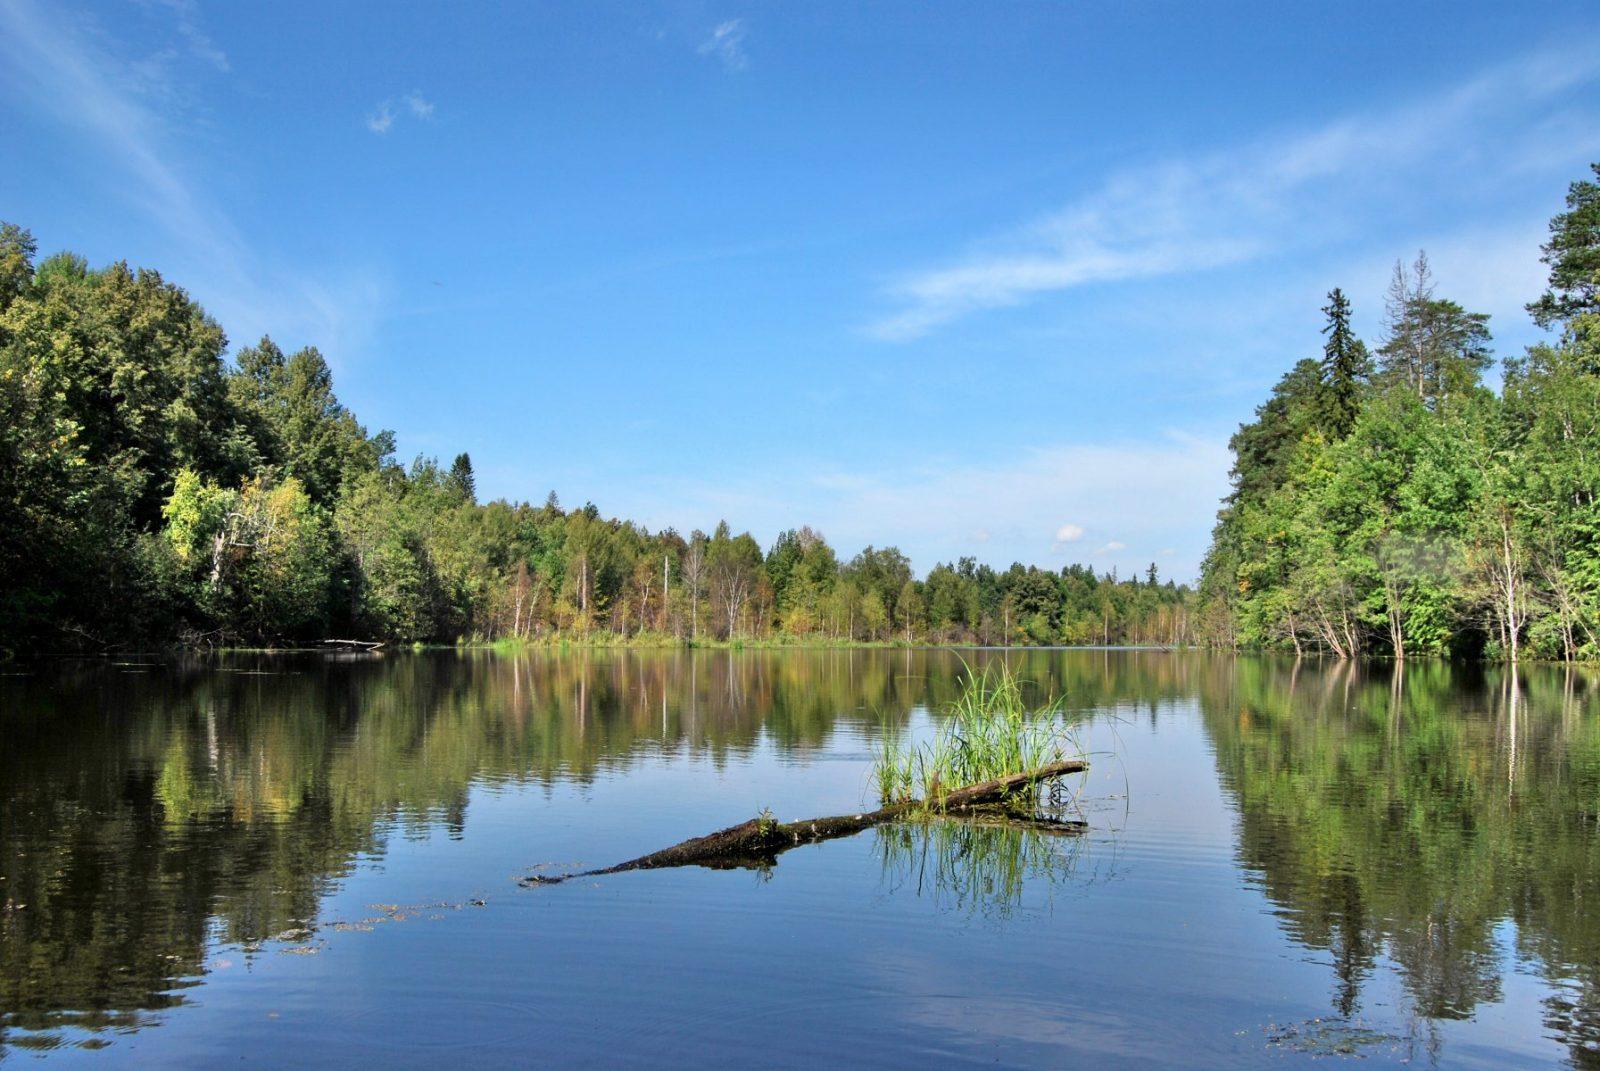 Выставка Голубые озёра - Озеро Бабье. Фото Н. Н. Ходырева